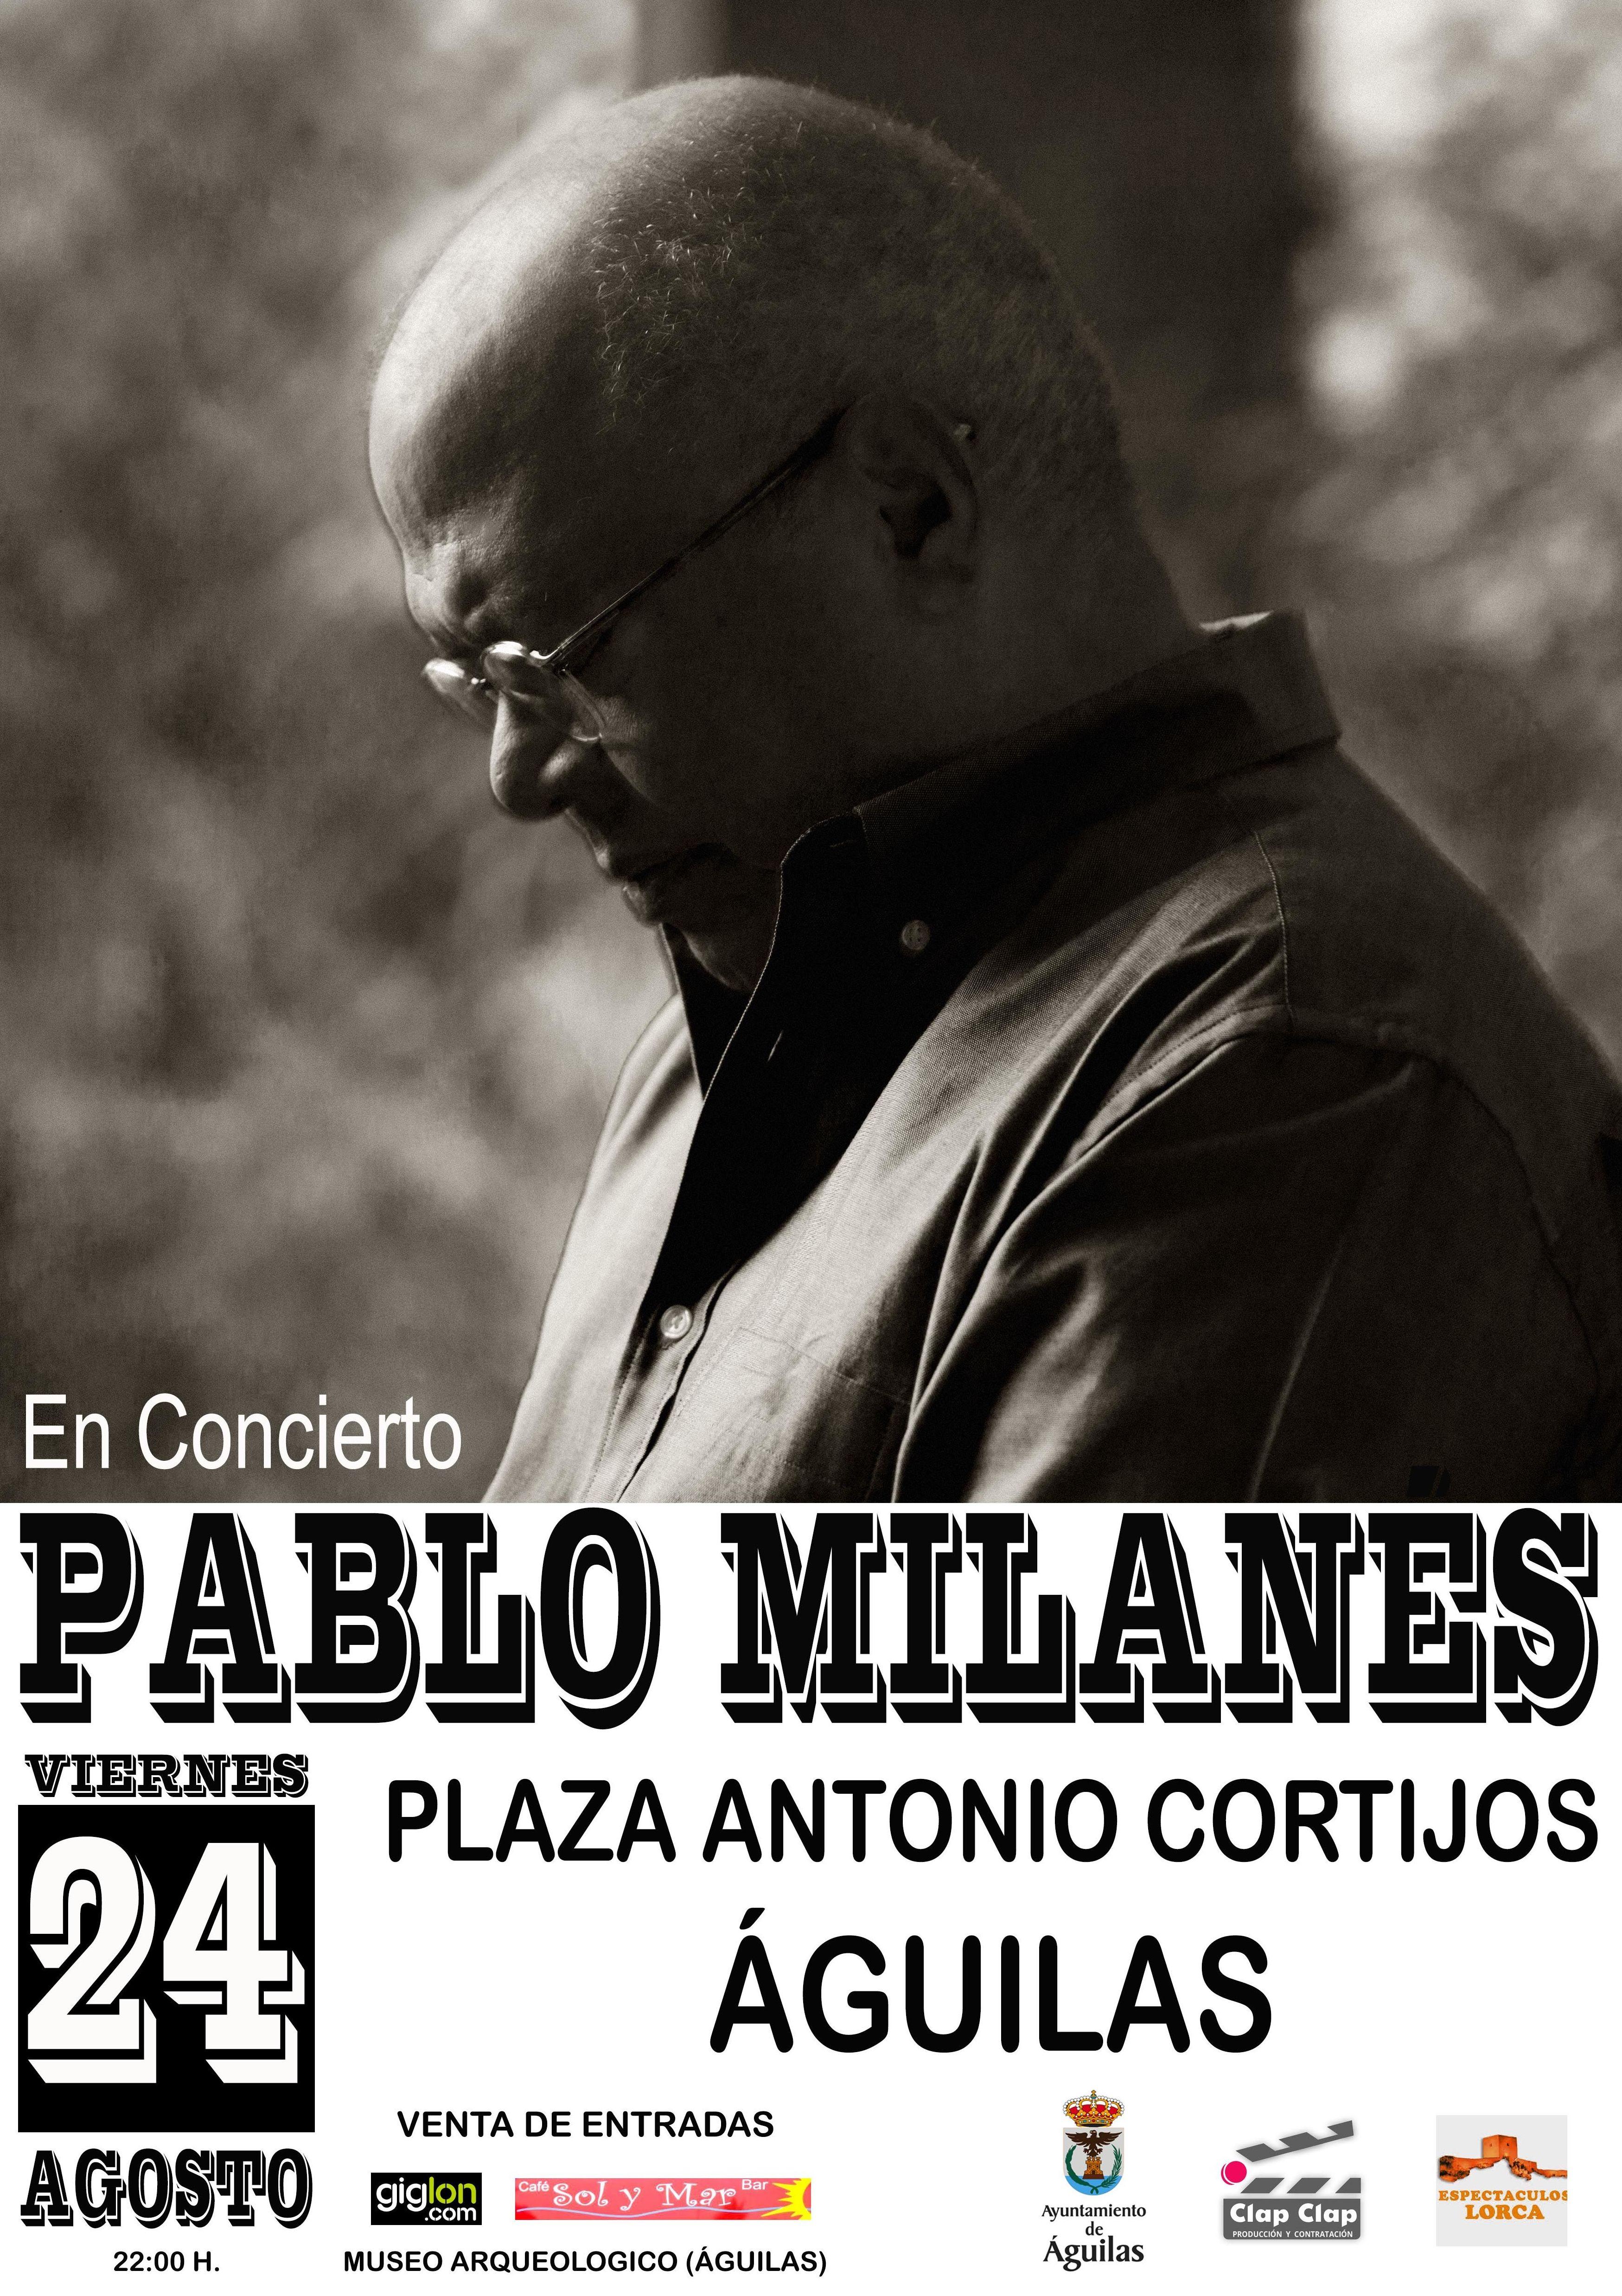 Pablo Milanes : Catálogo de actuaciones de Espectáculos Clap Clap Producciones, Música, Teatro y mucho más